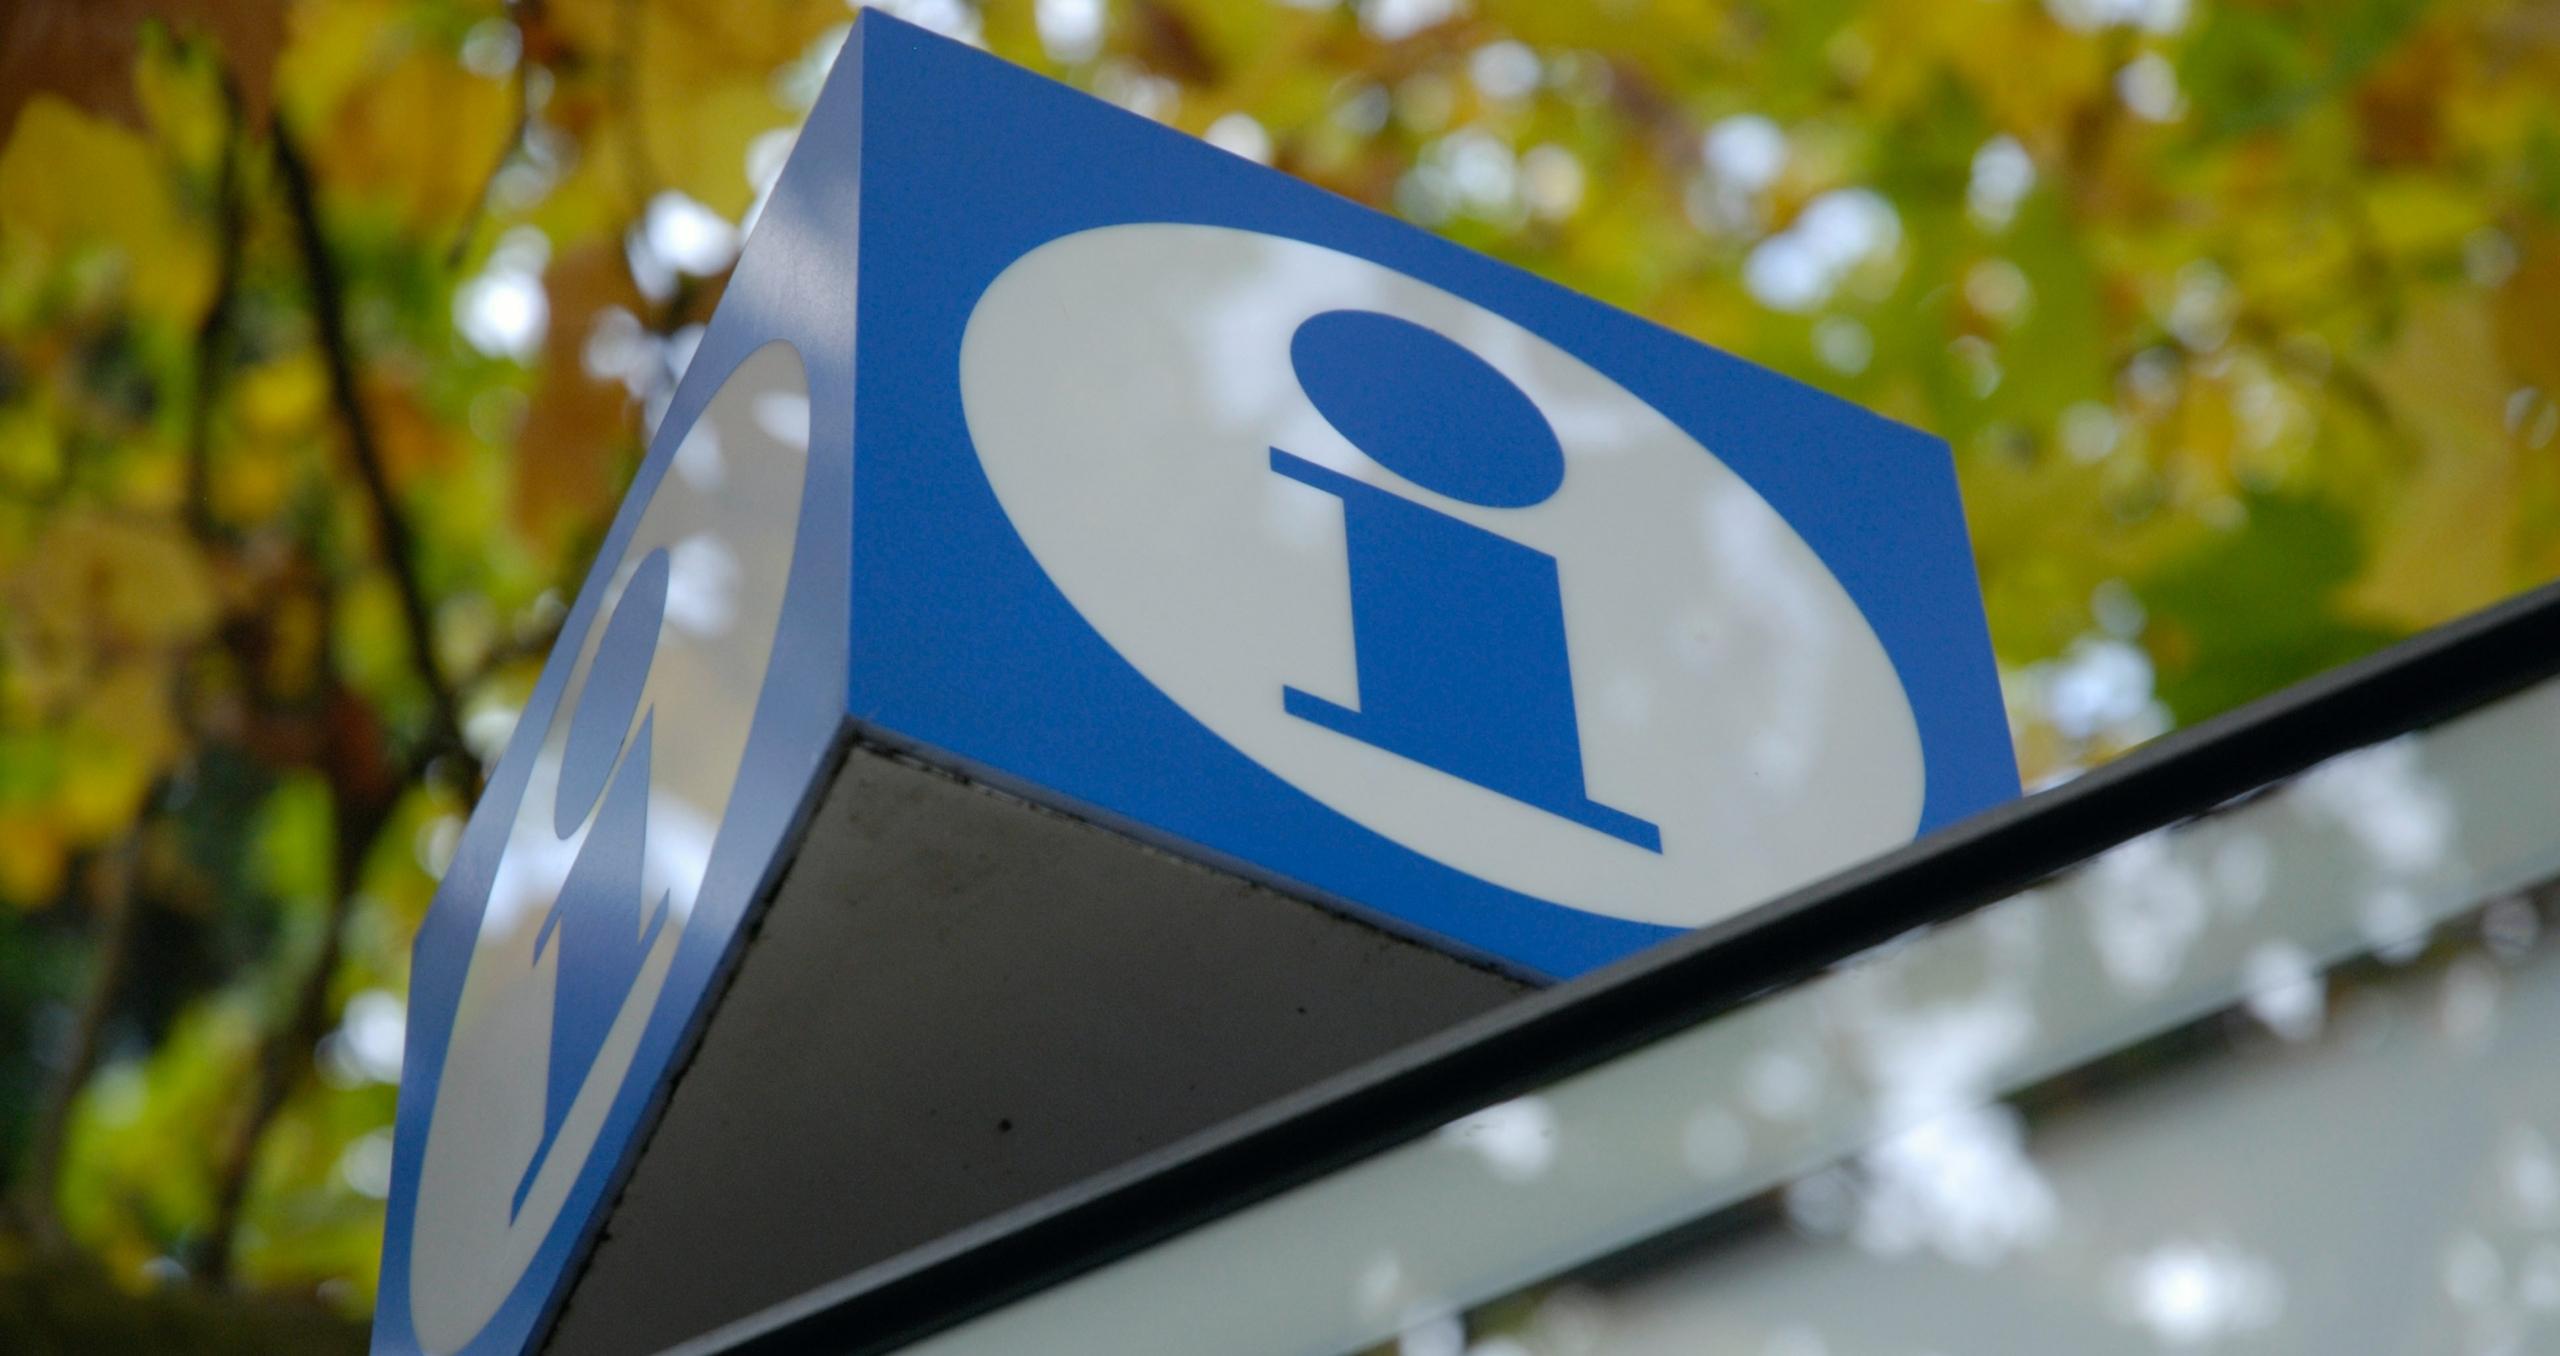 Information sign Switzerland